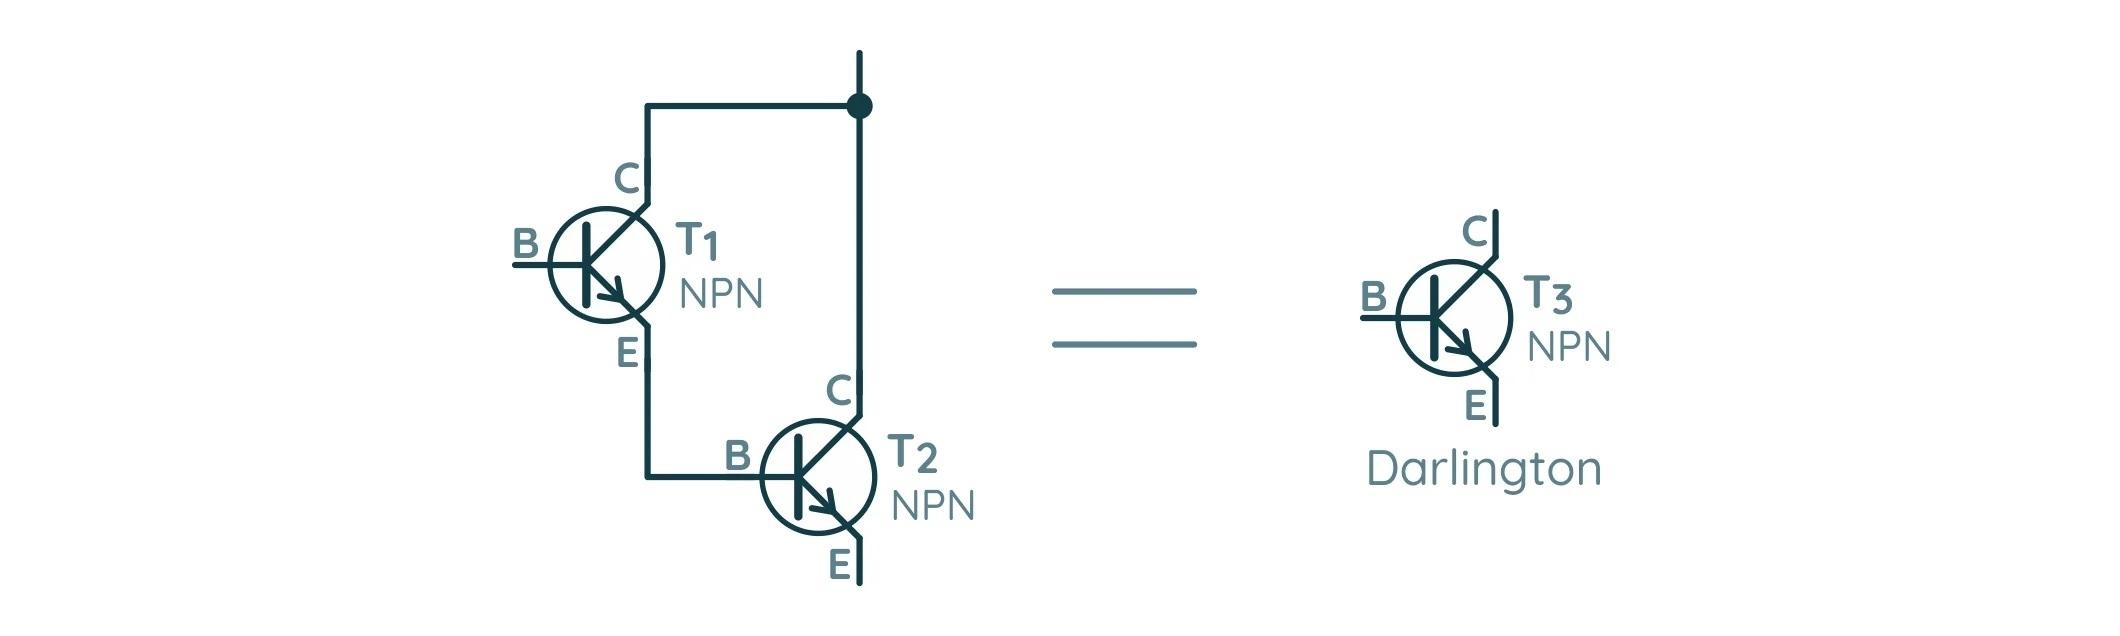 Схема подключения двух биполярных транзисторов в схему Дарлингтона